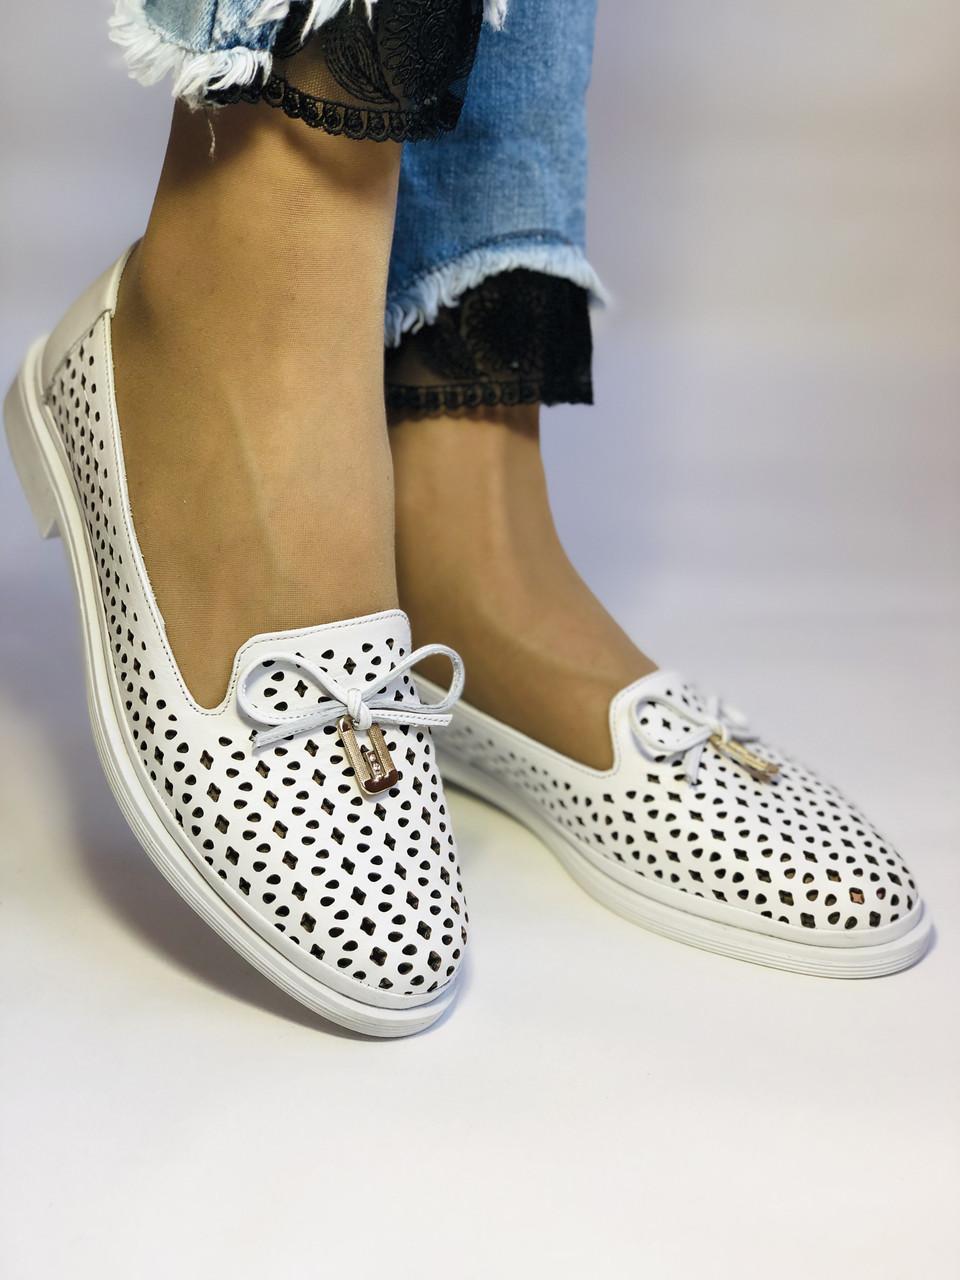 Женские летние туфли-балетки с перфорацией белого цвета. Размер 38.39 Турция.